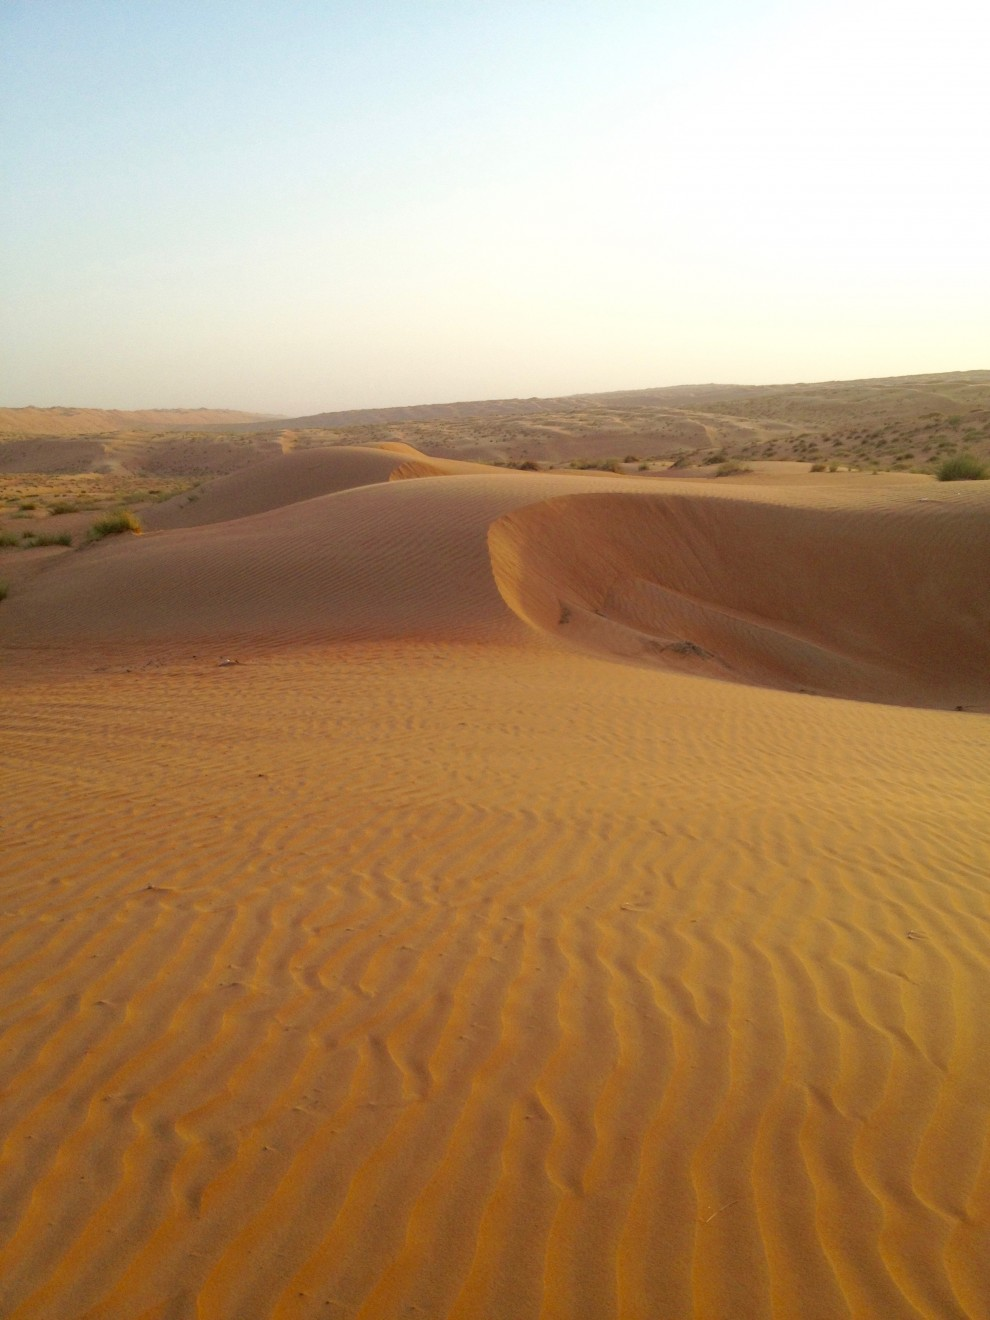 Le dune del deserto al centro del Paese